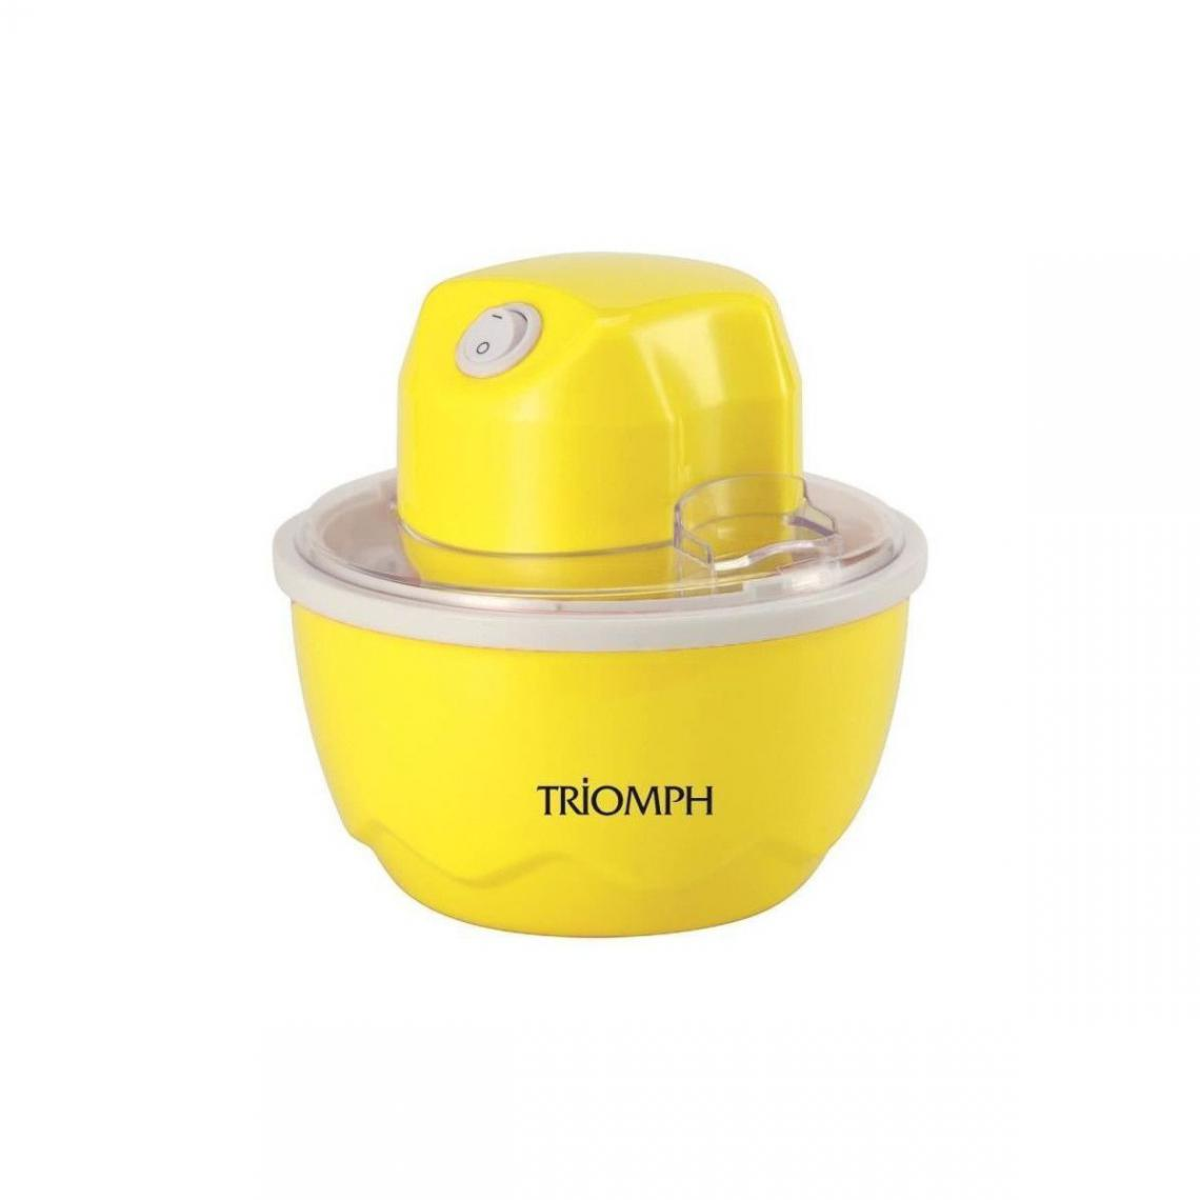 Triomph Triomph Etf1839 Sorbetiere - 500ml